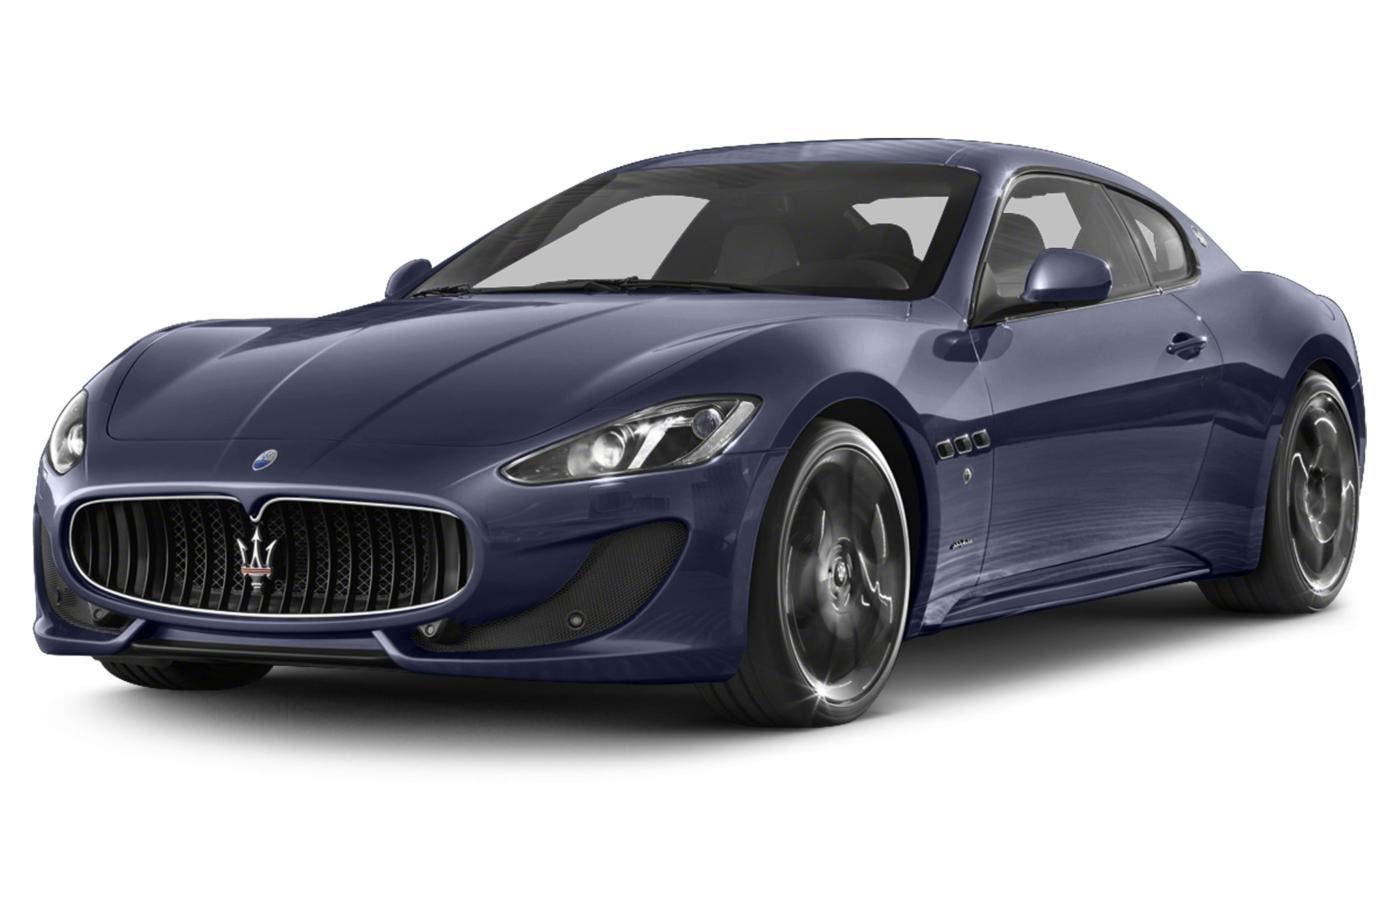 Maserati stabilimento Modena stop